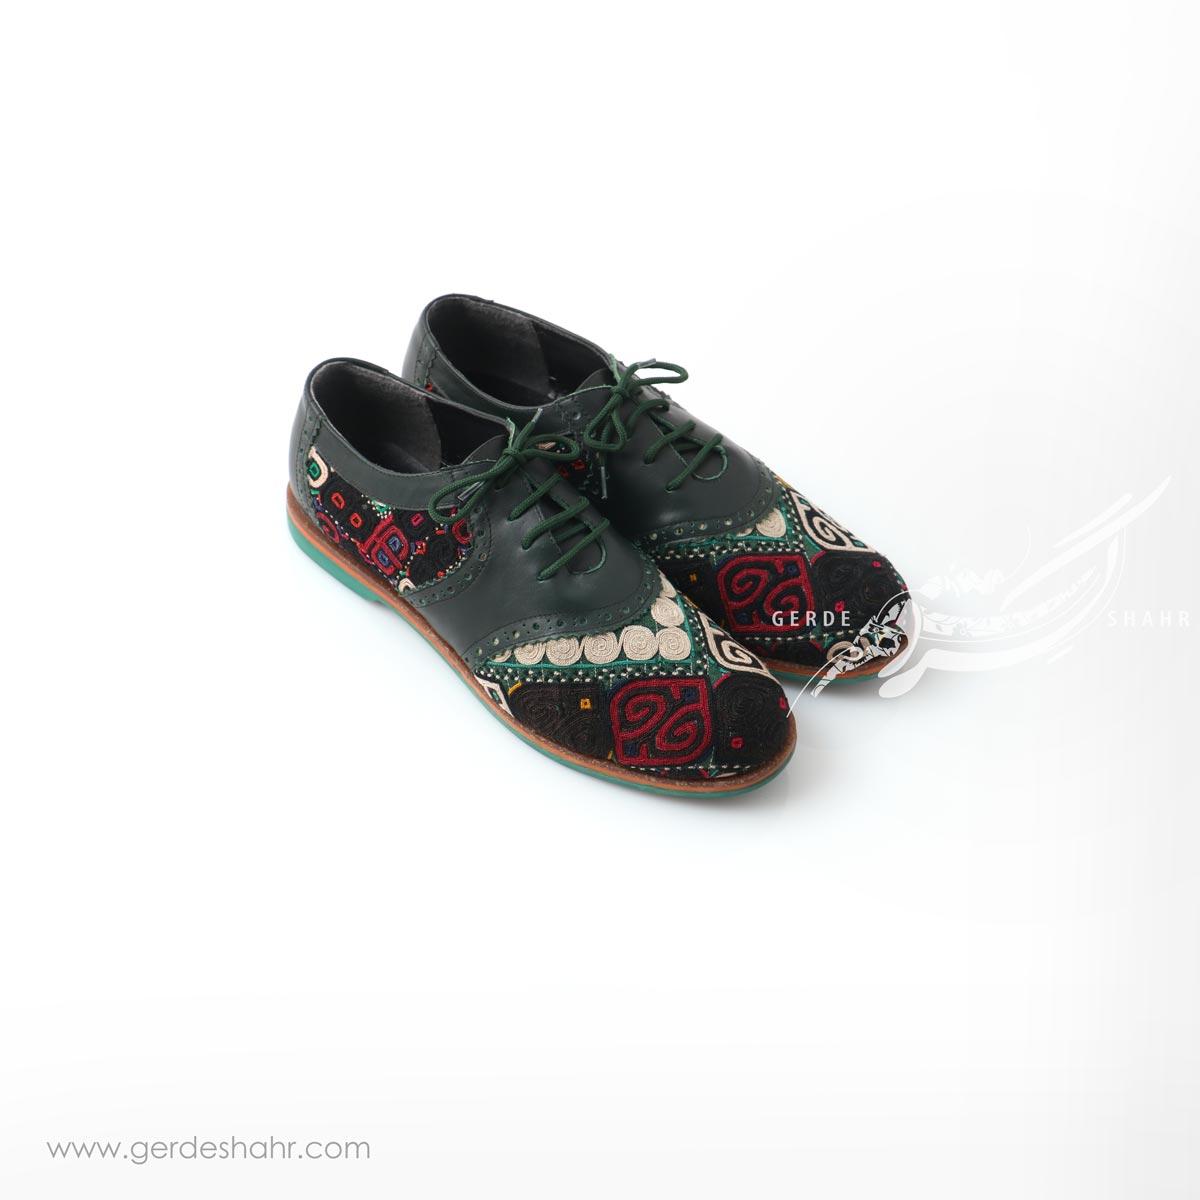 کفش دست دوز سبز یشمی تیره سوزندوزی سایز 40 چاوان گنجه رخت